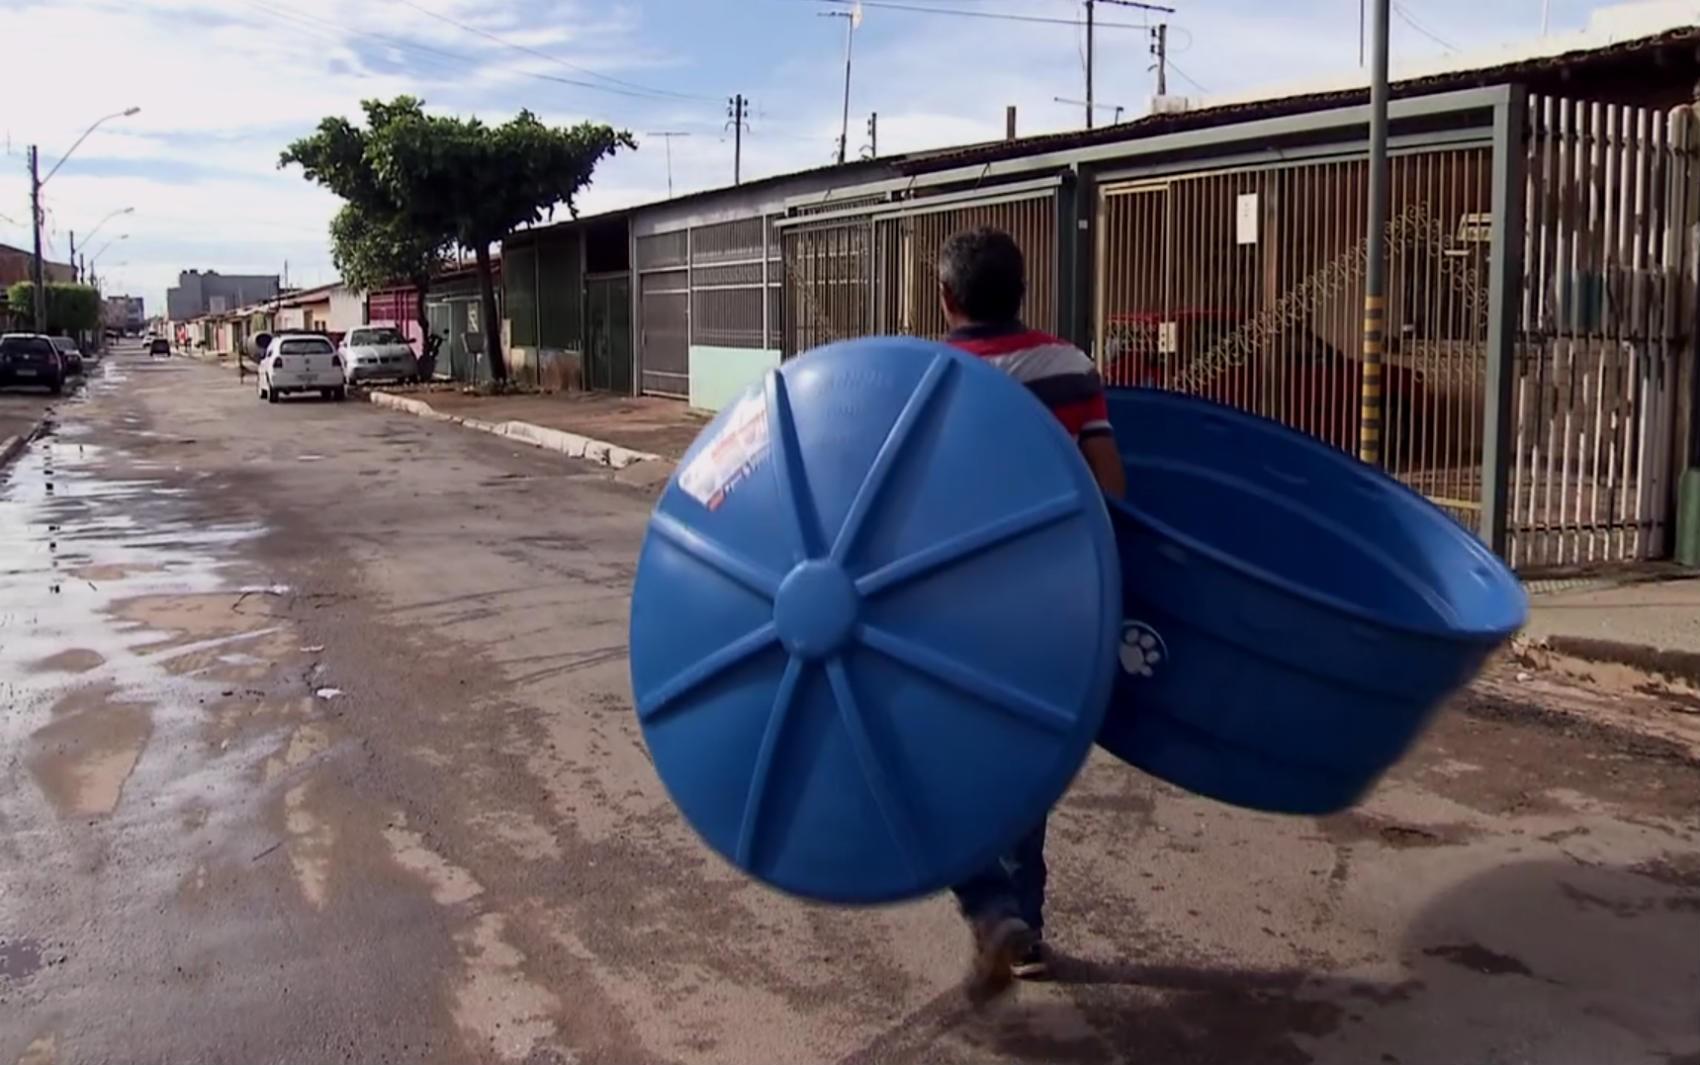 Tarifa extra na conta de água rende R$ 9,6 milhões ao governo do DF